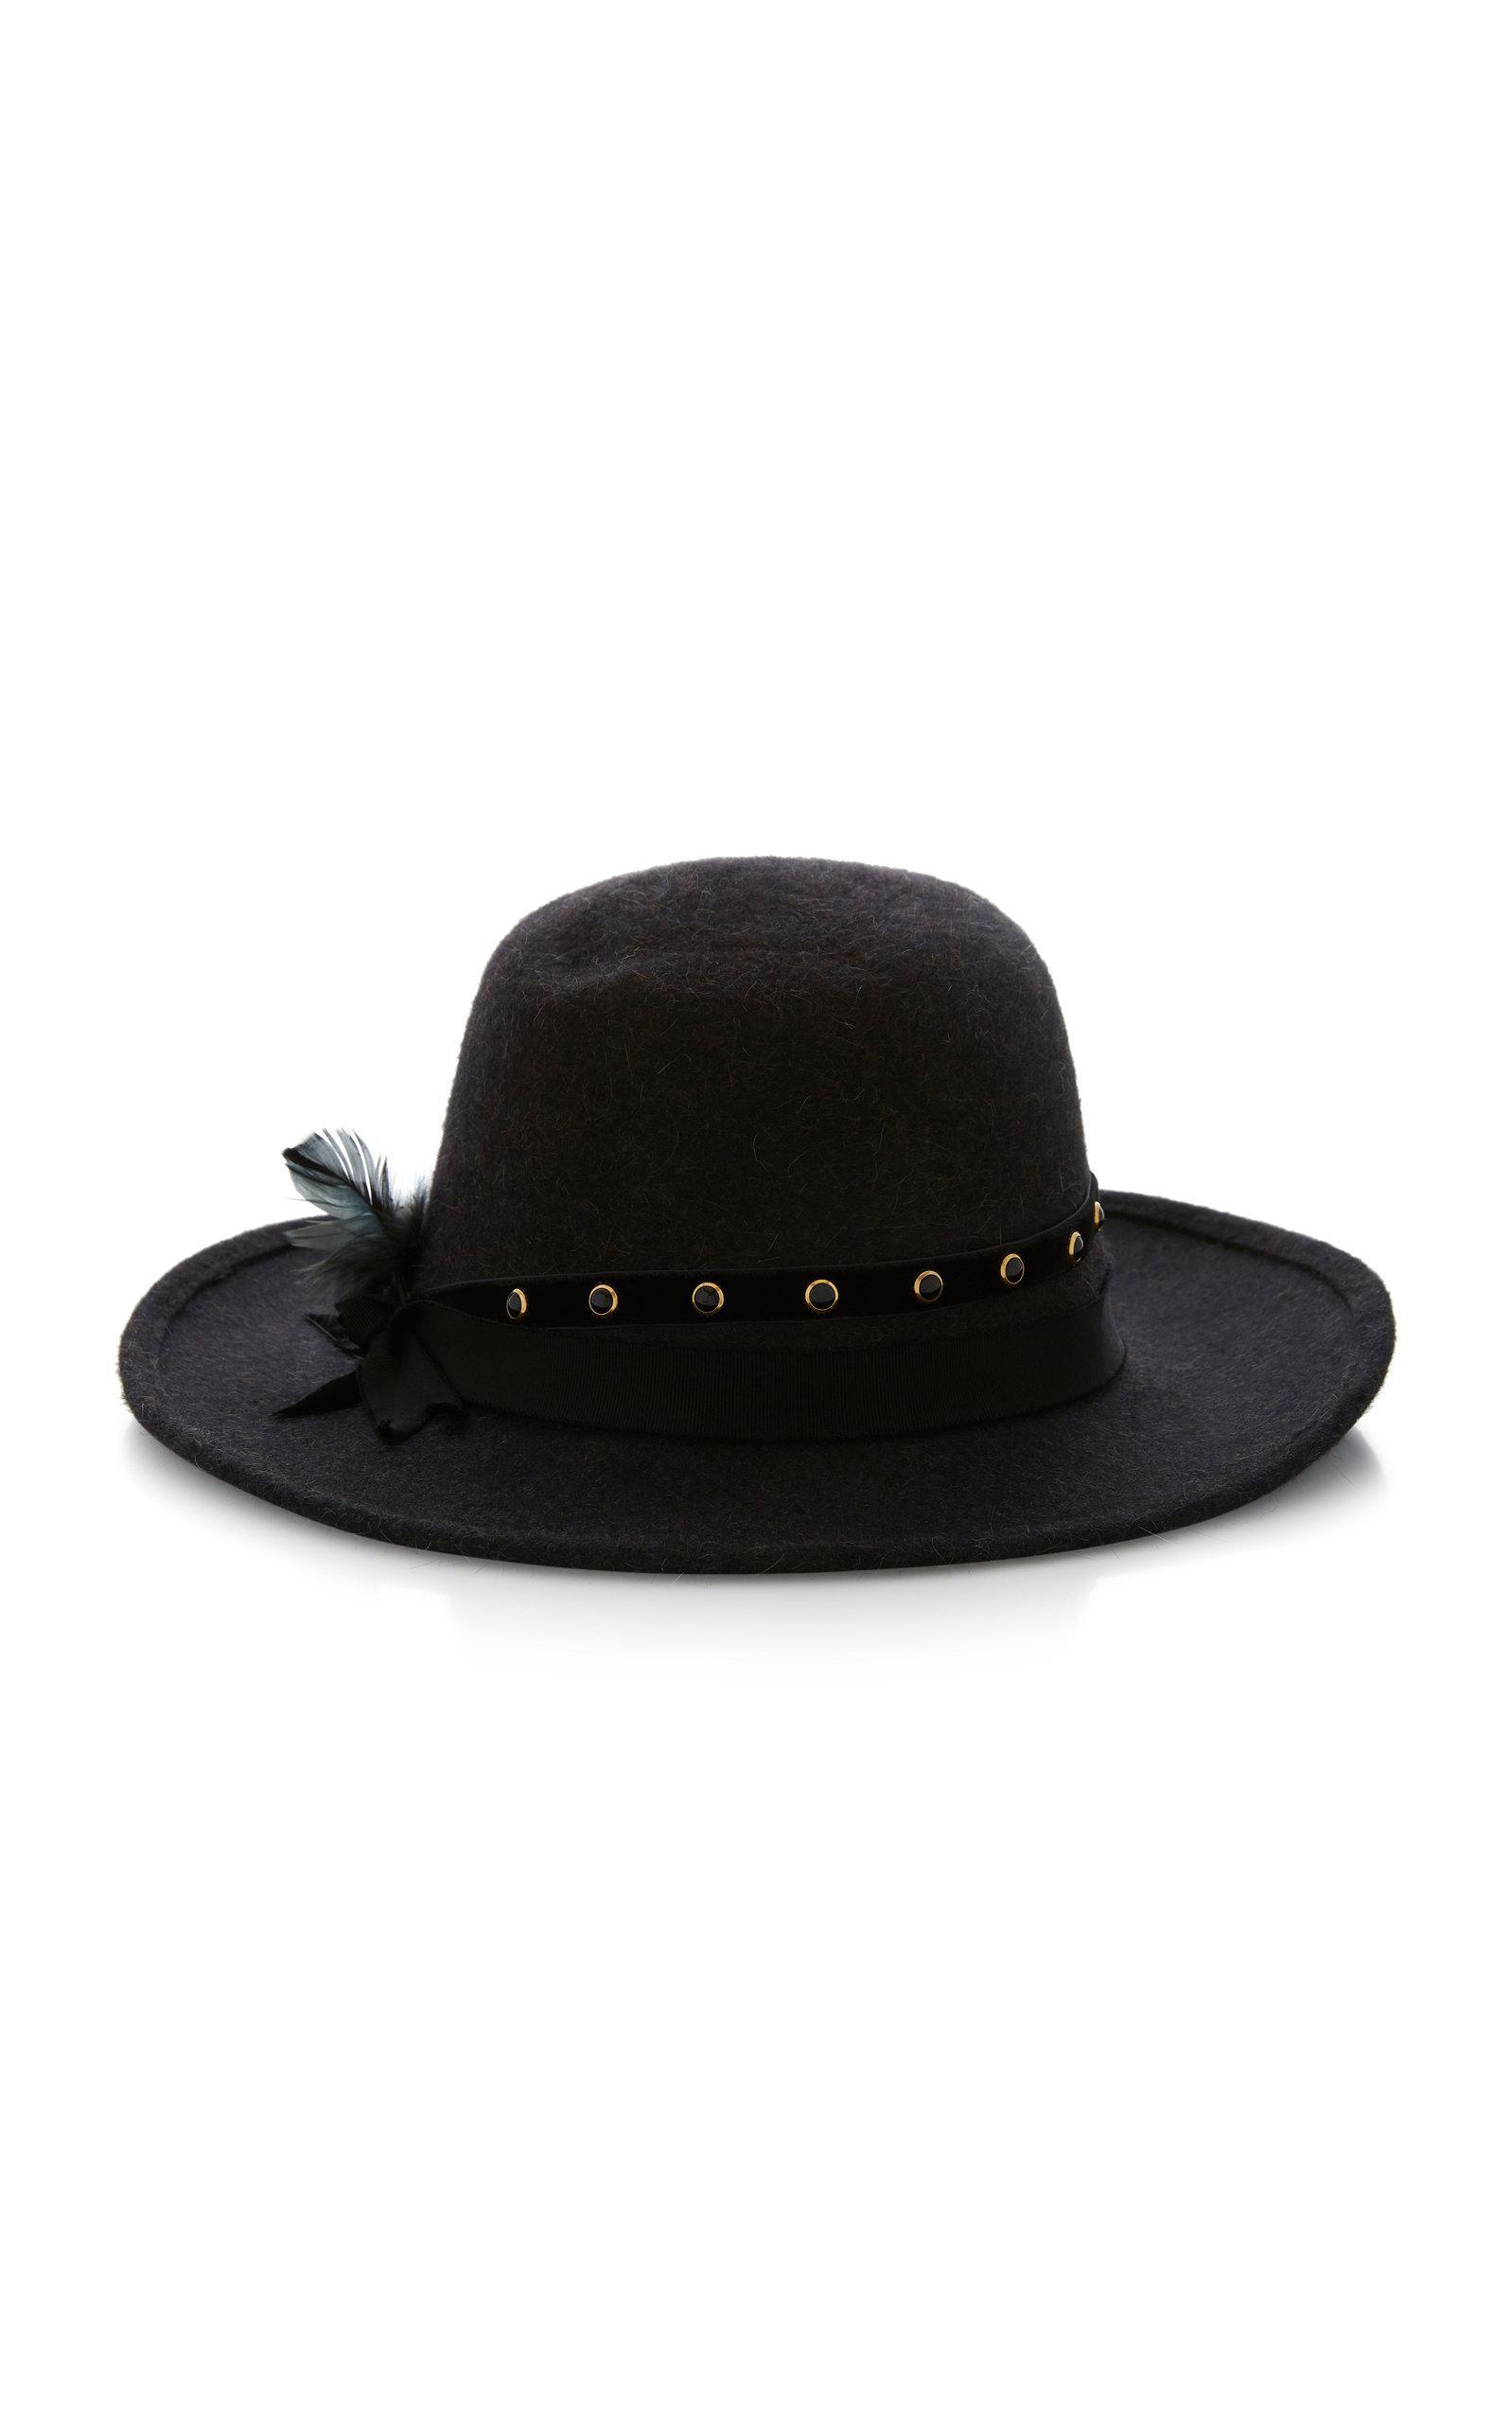 0ebe4a1bc Ryan Embellished Rabbit Fur Felt Fedora Hat in Grey